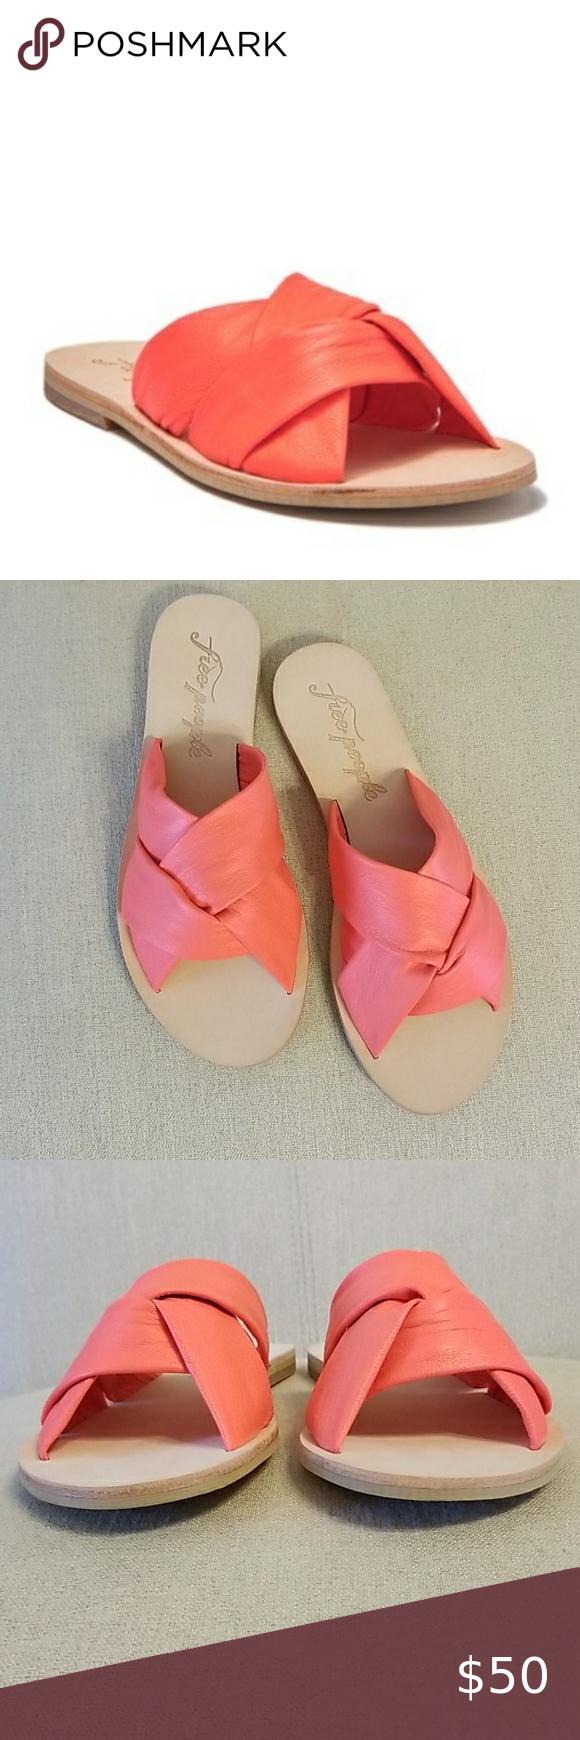 Free People Rio Vista Slide Sandal Free People Shoes Sandals Slide Sandals Women S Shoes Sandals